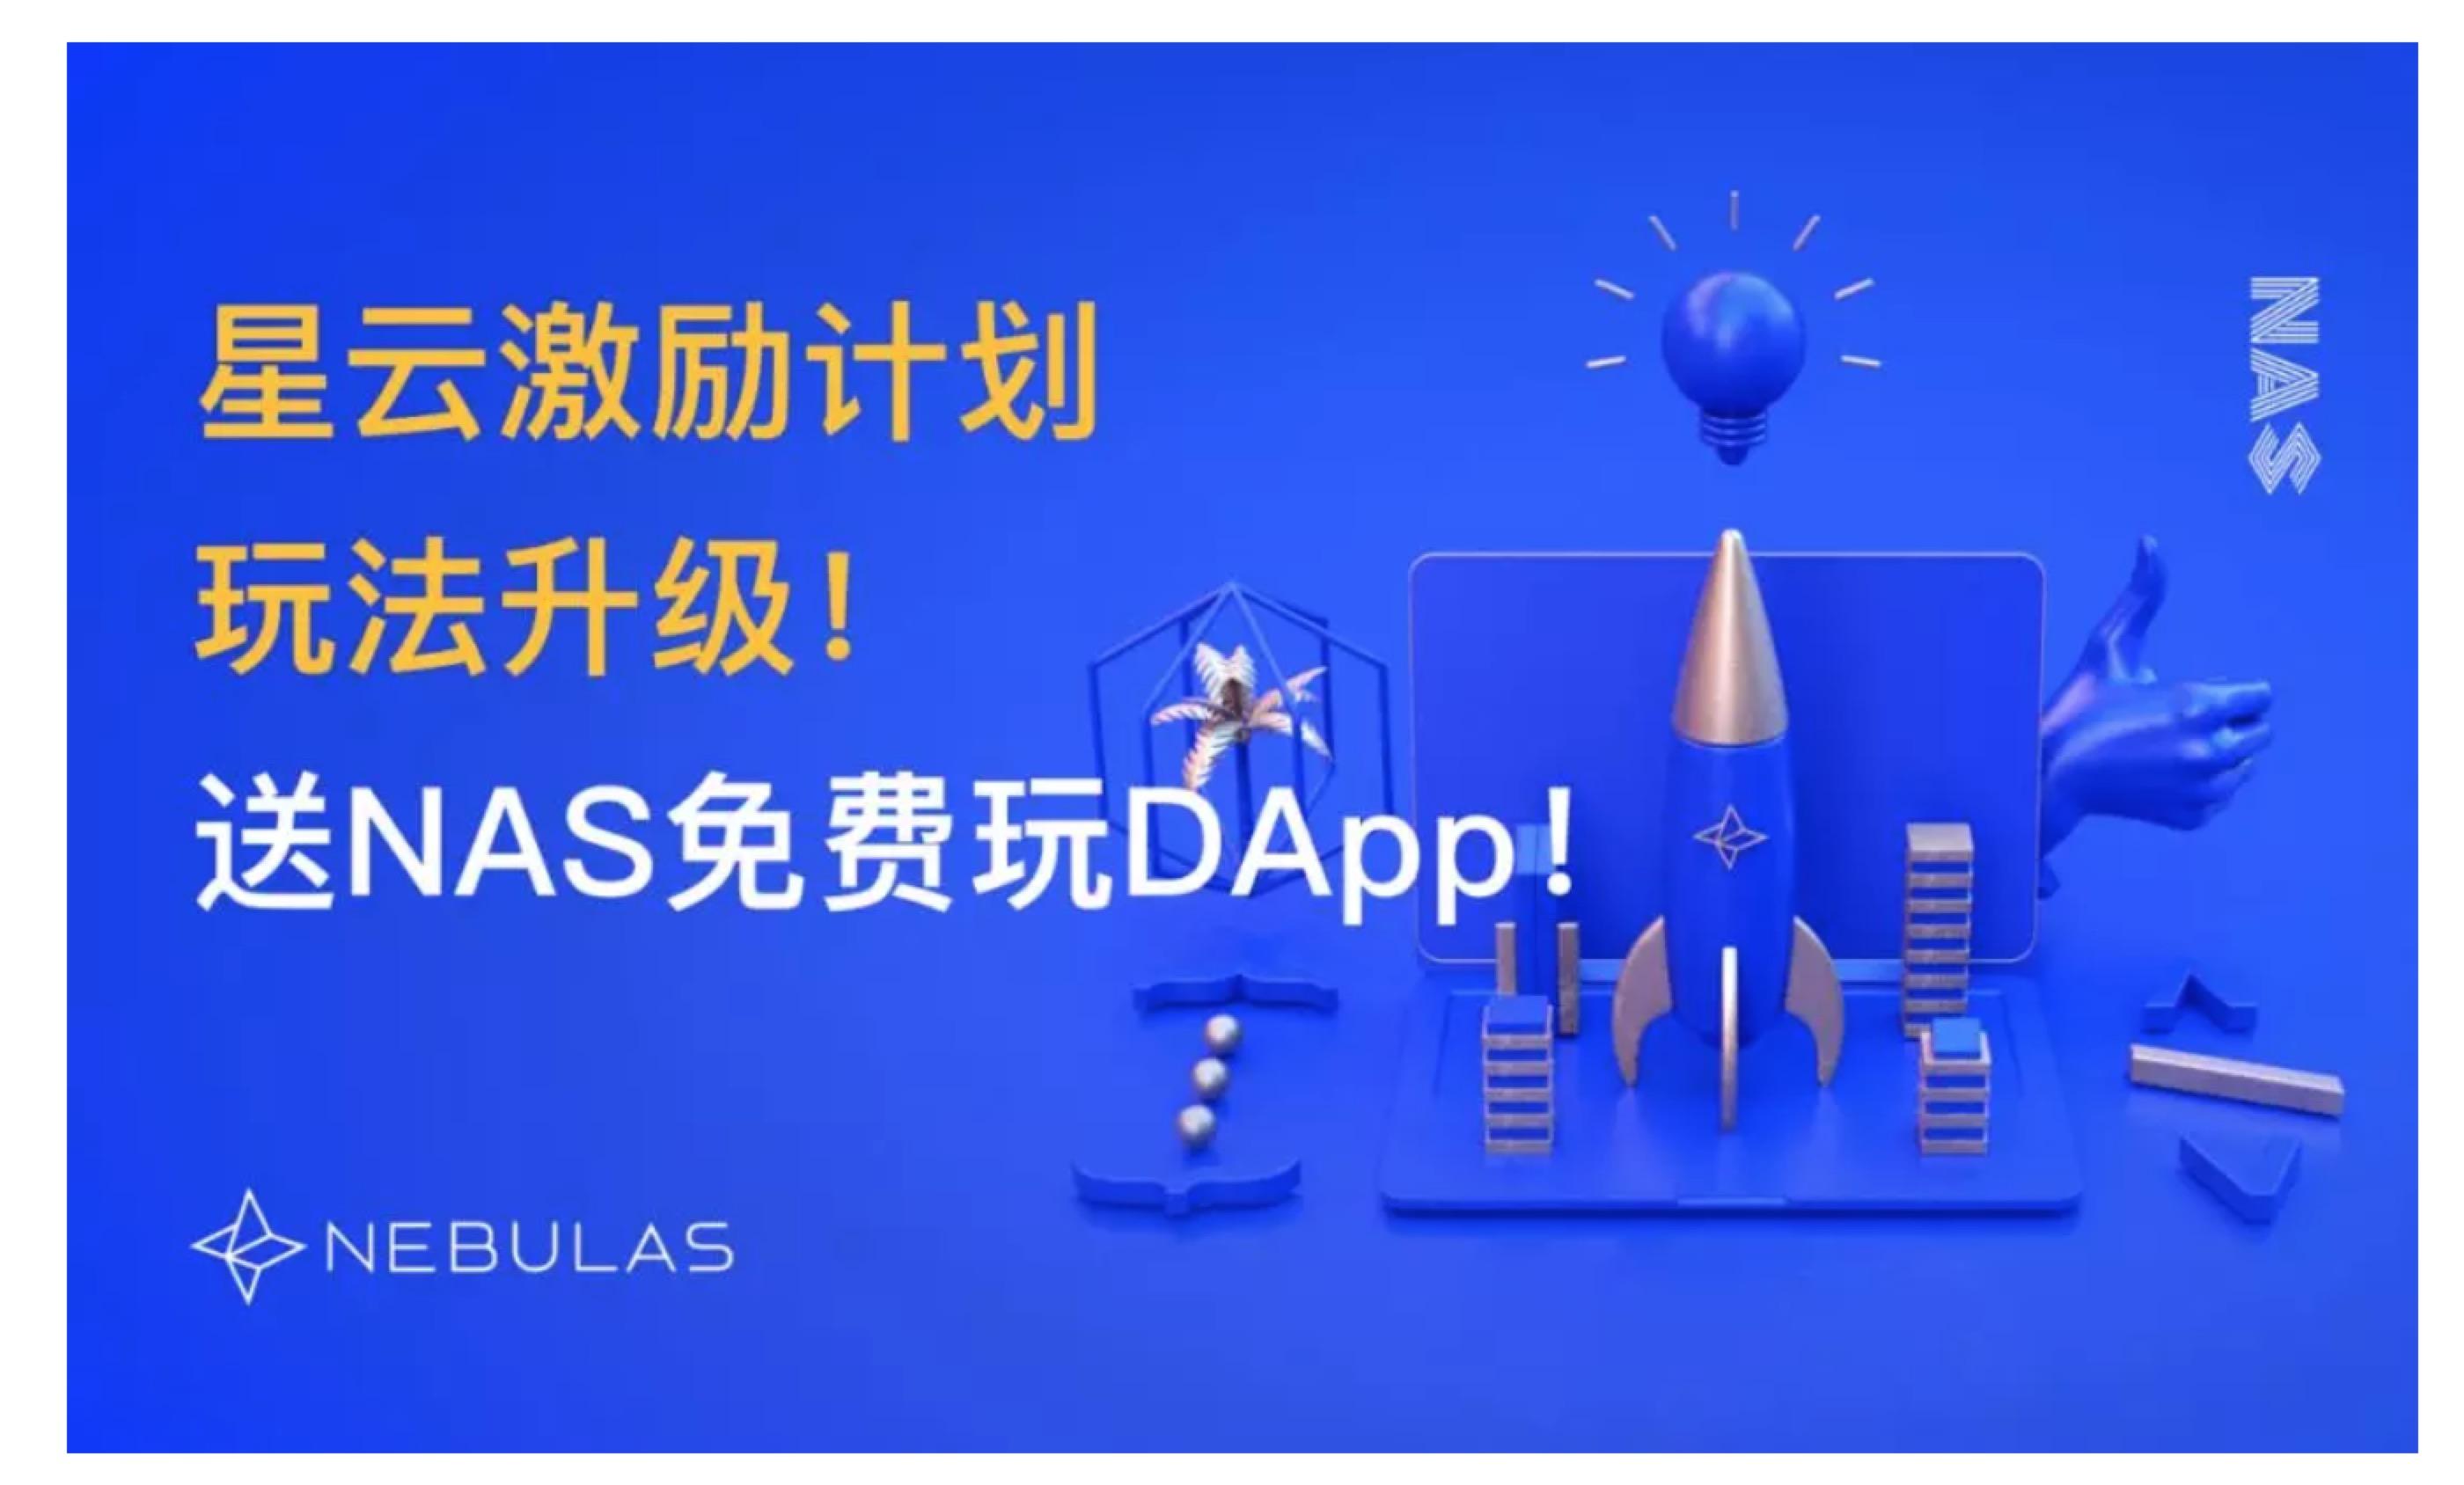 送NAS免费玩 DApp !星云激励计划玩法升级!